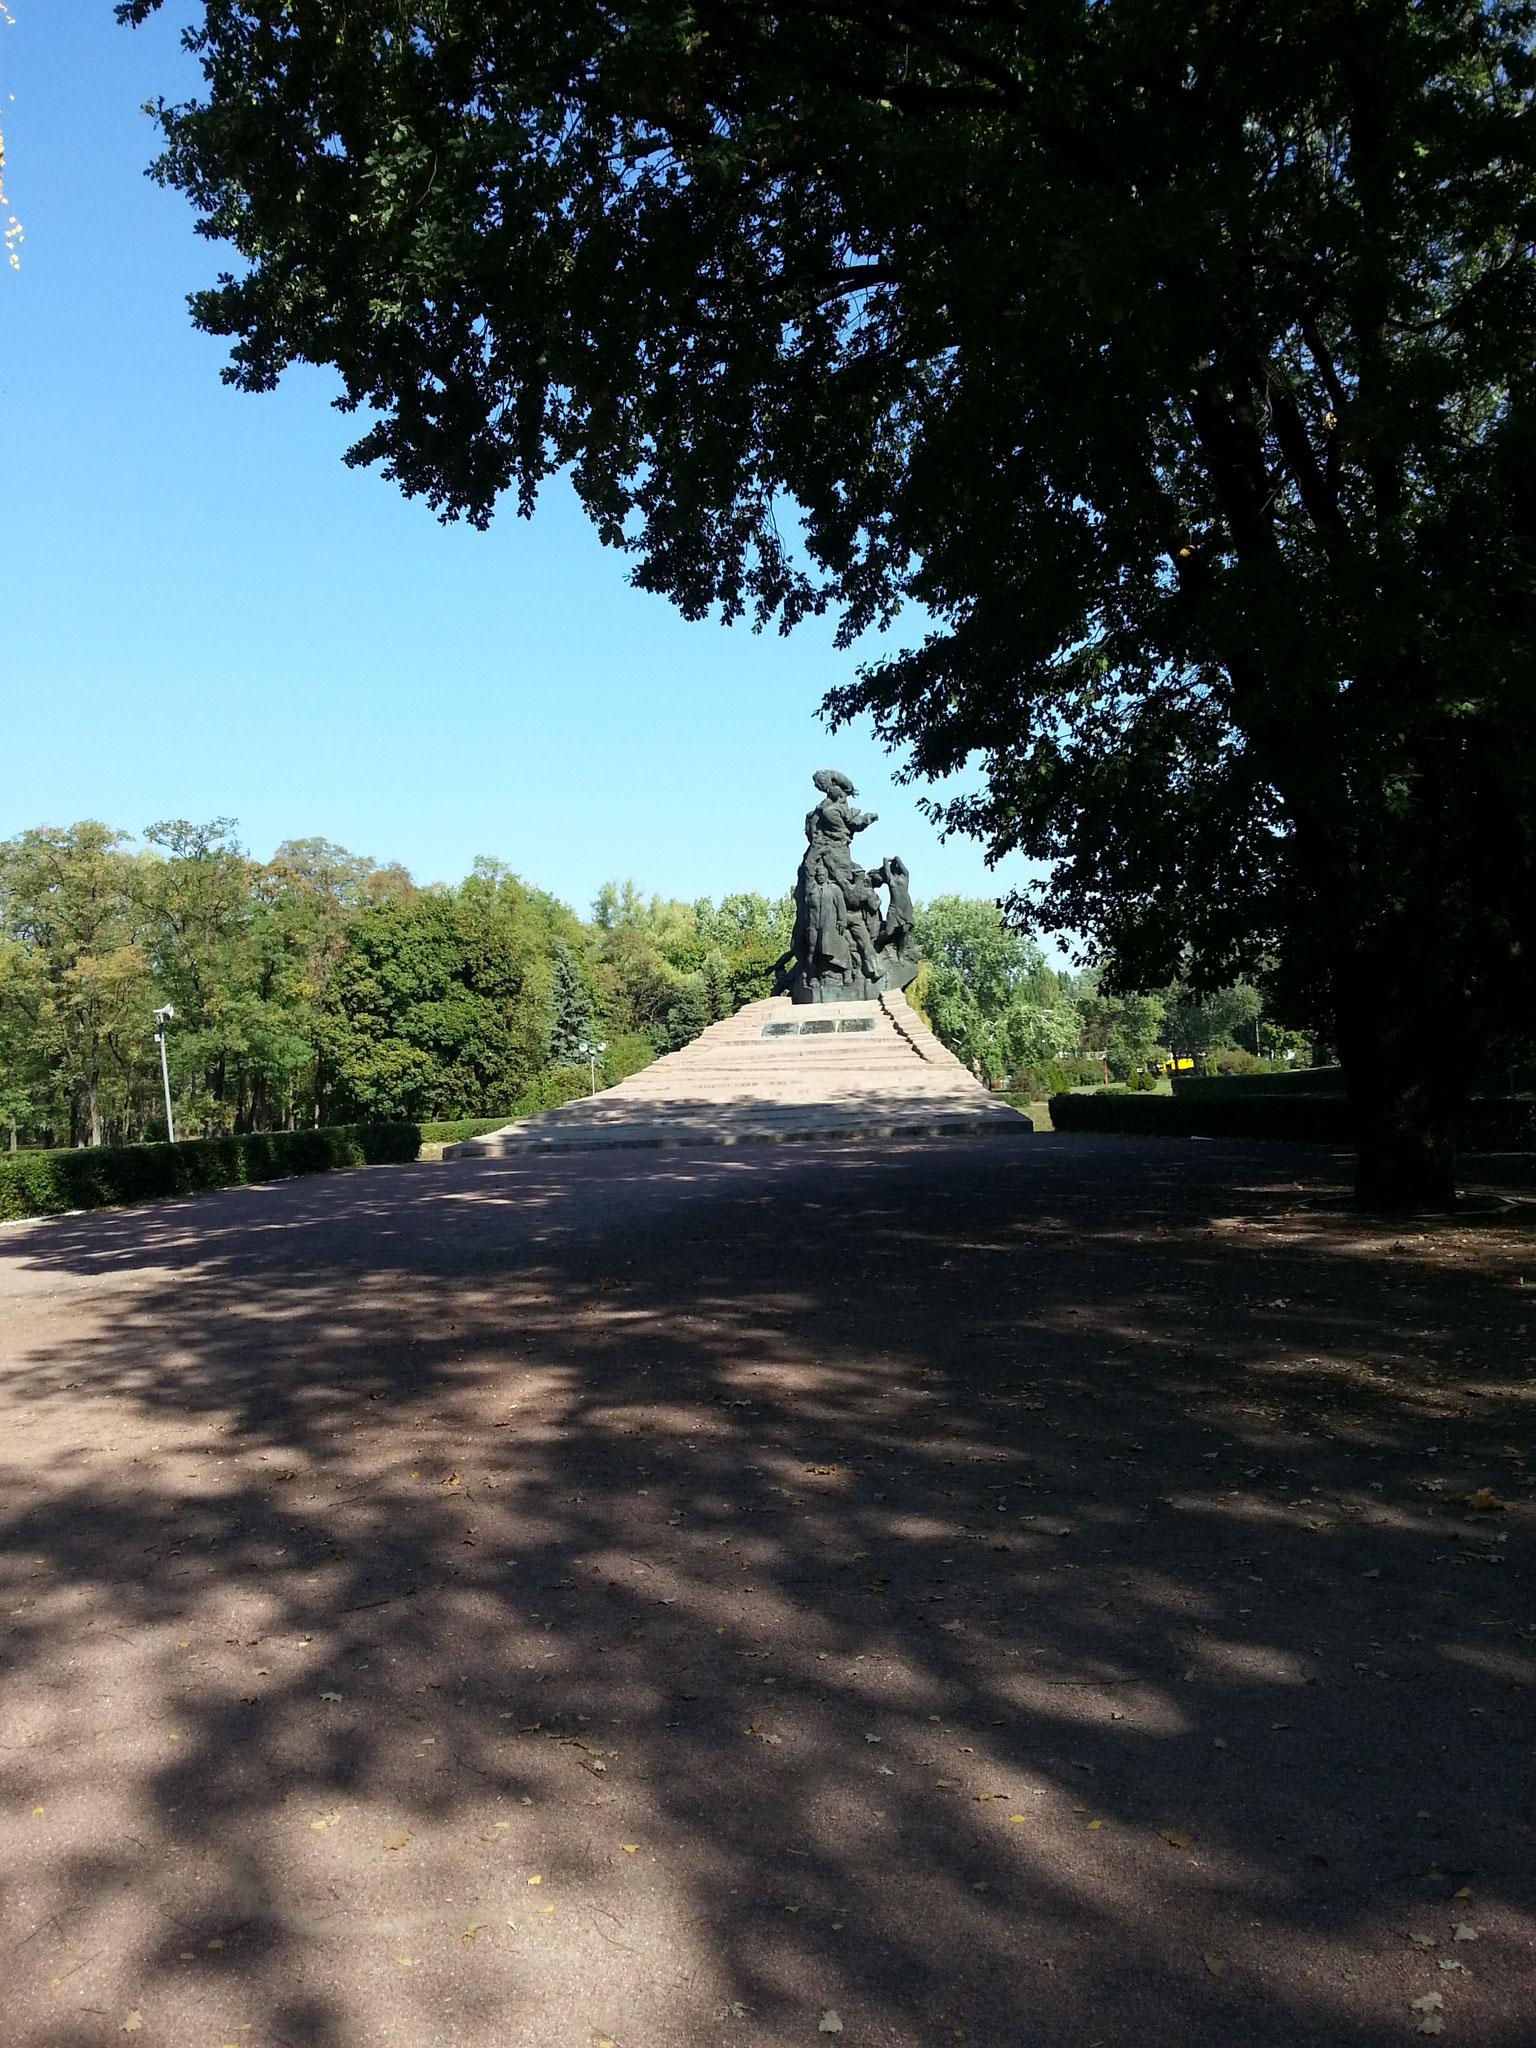 Annaäherung an das sowjetische Denkmal